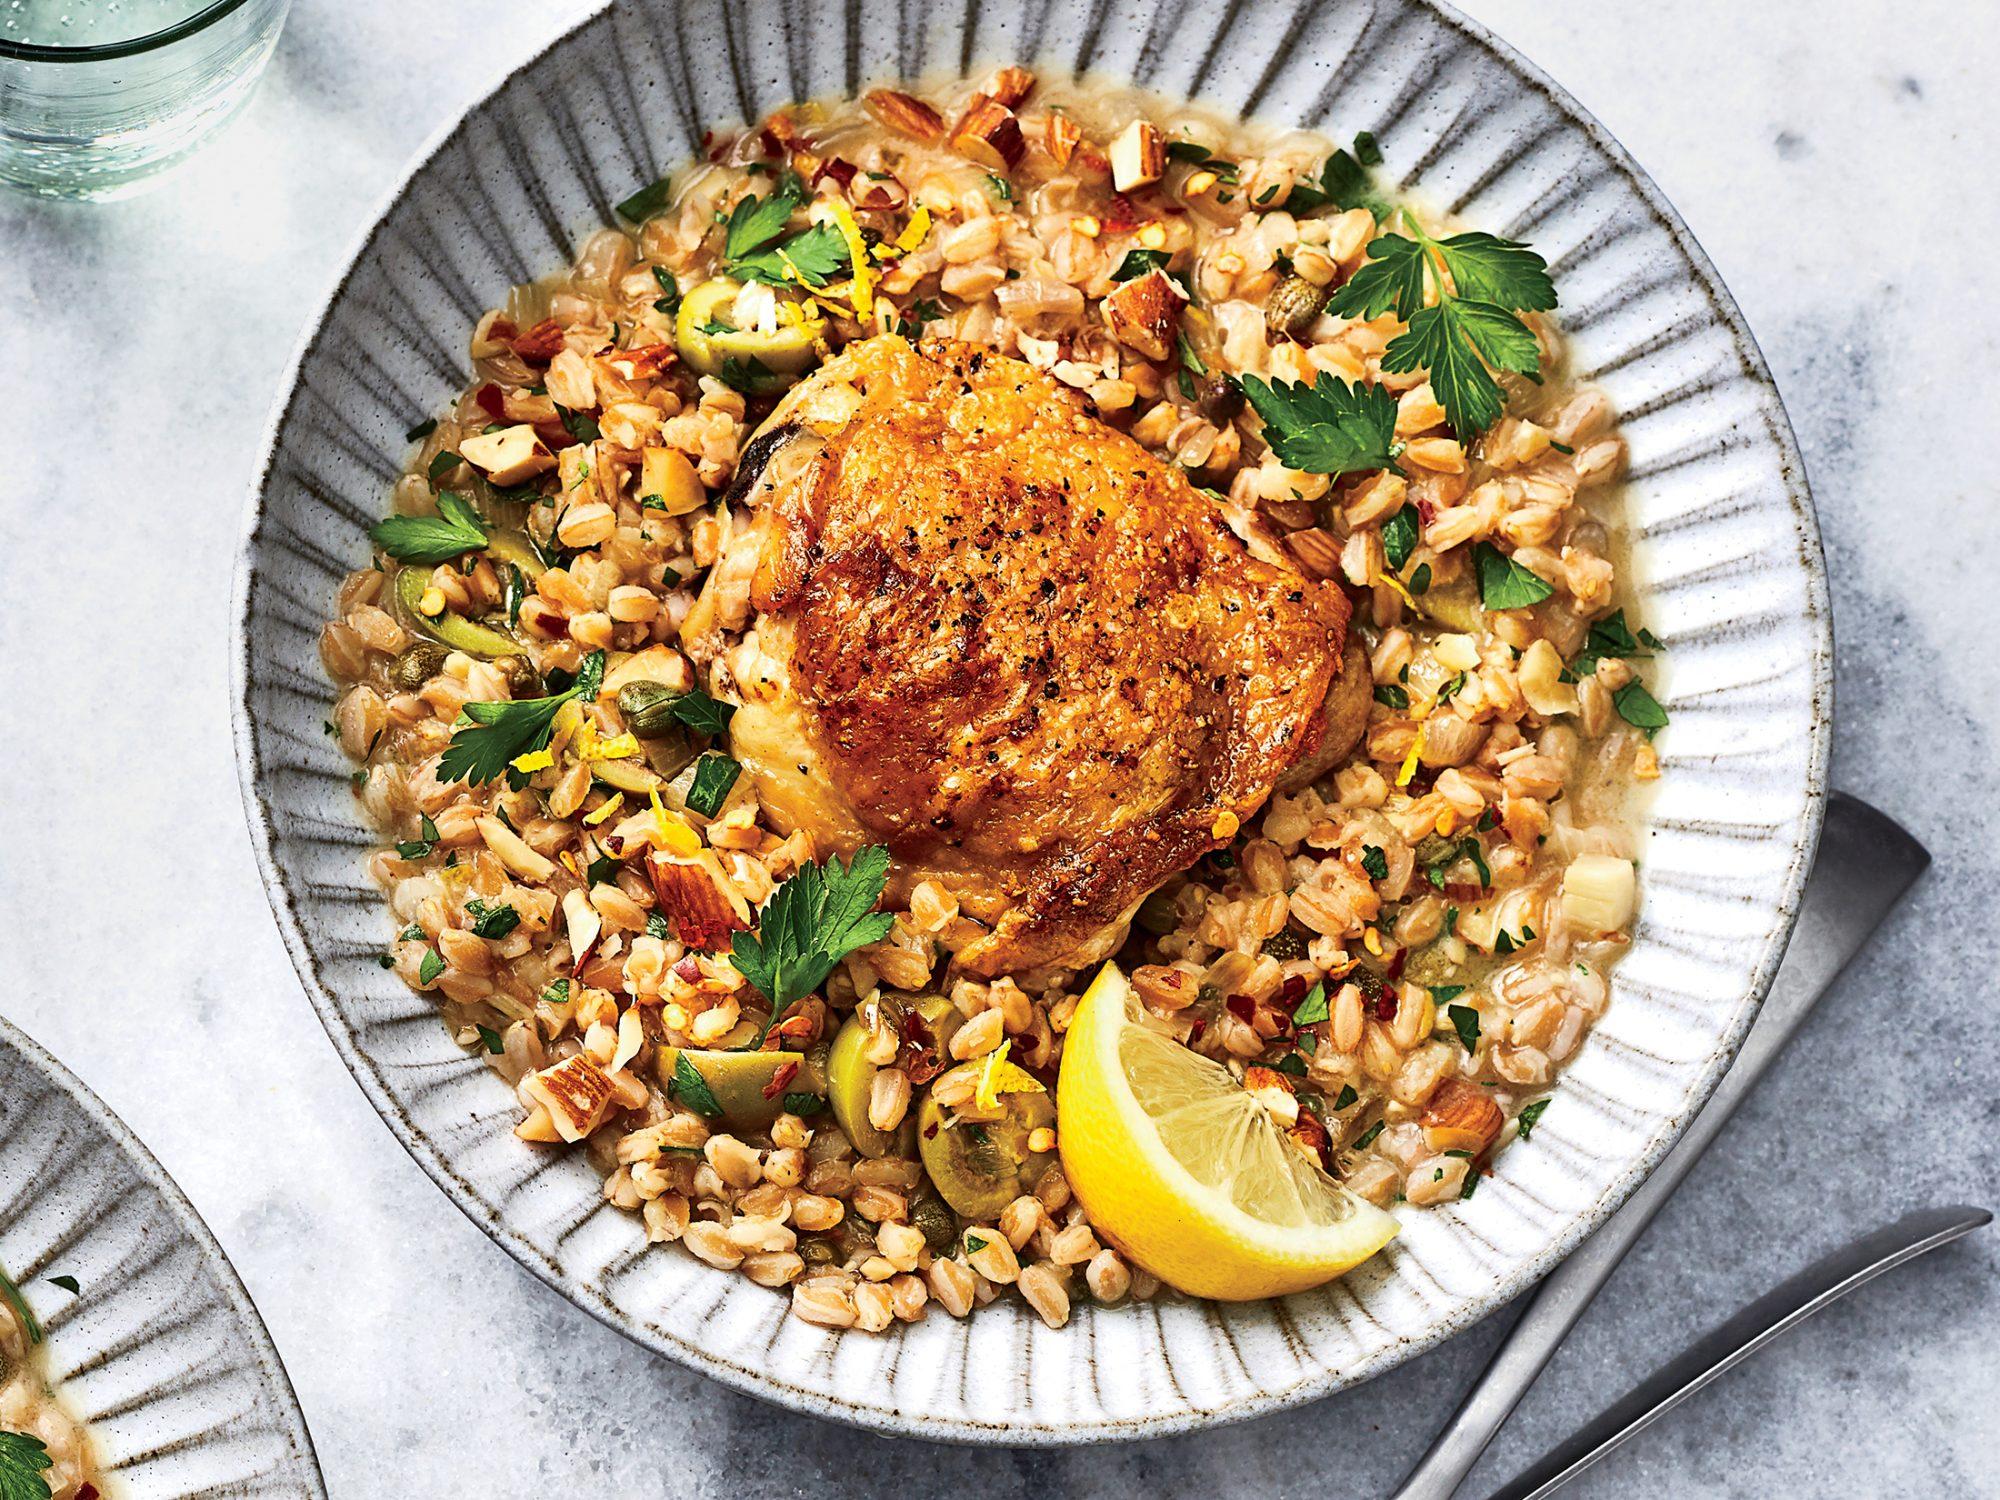 Mediterranean Chicken and Farro